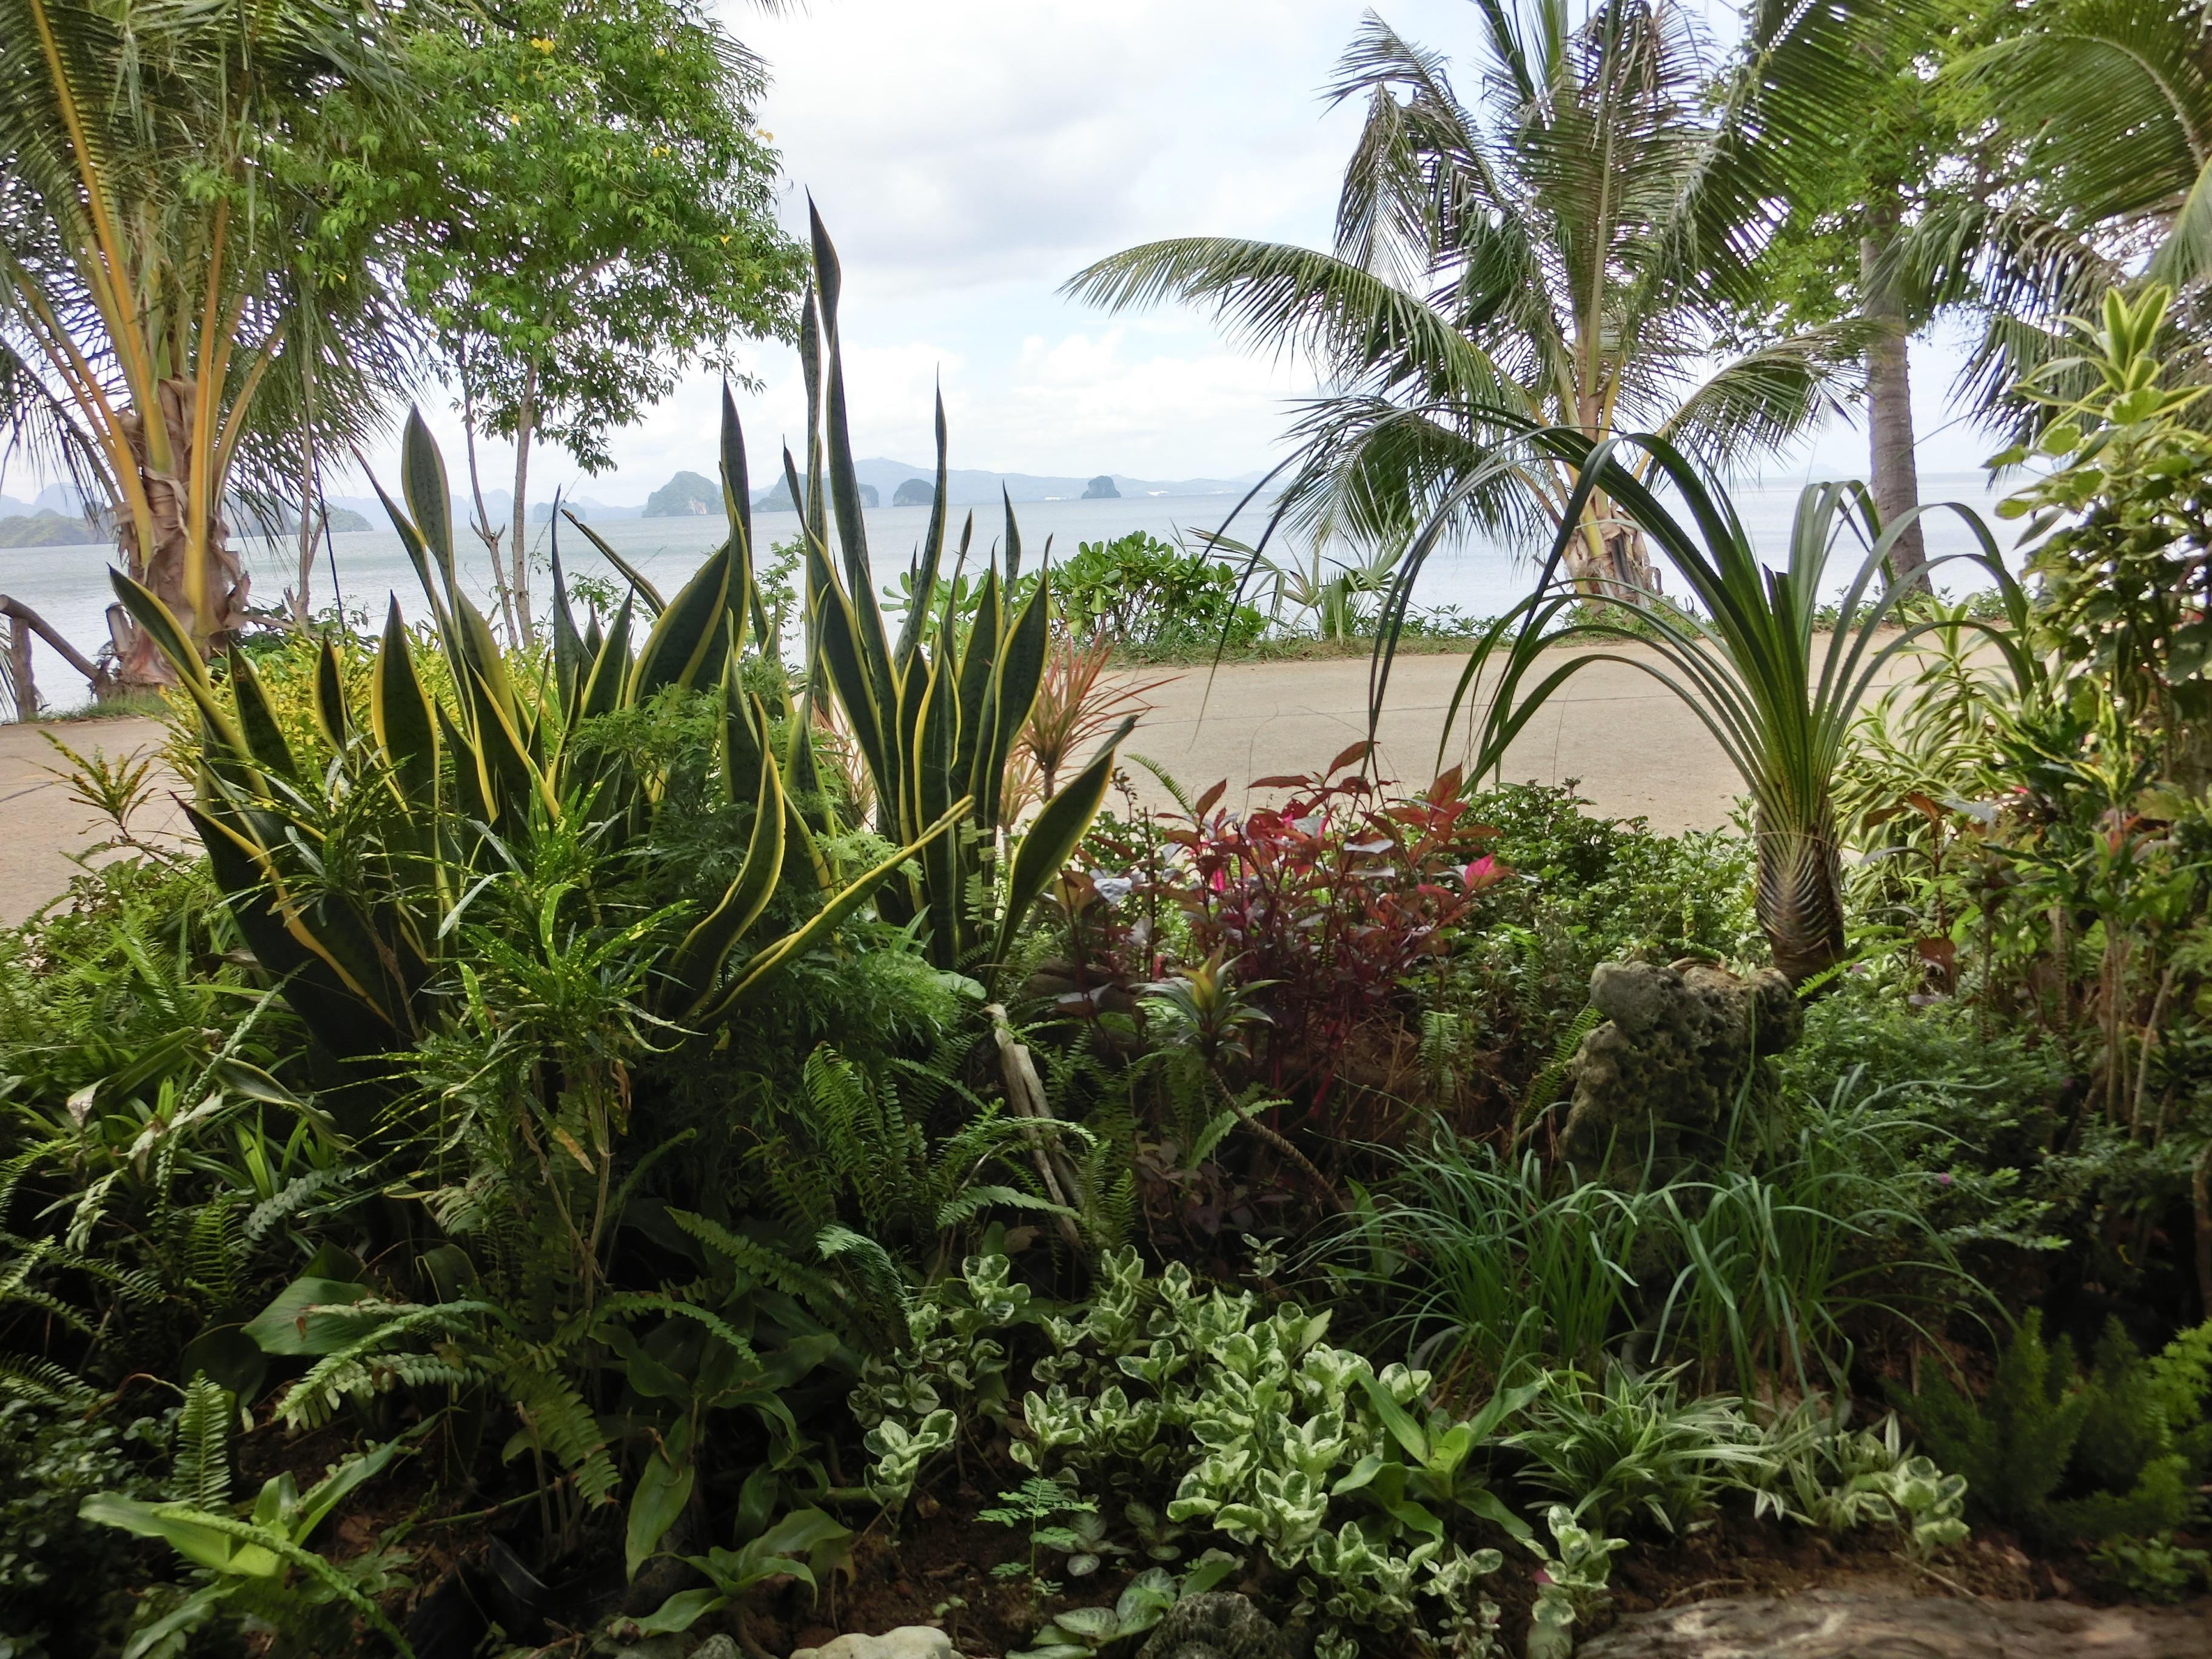 Strand Meer Pflanze Blume Dschungel Asien Botanik Garten Flora Ve ation Regenwald Plantage Botanischer Garten Tropen –kosystem